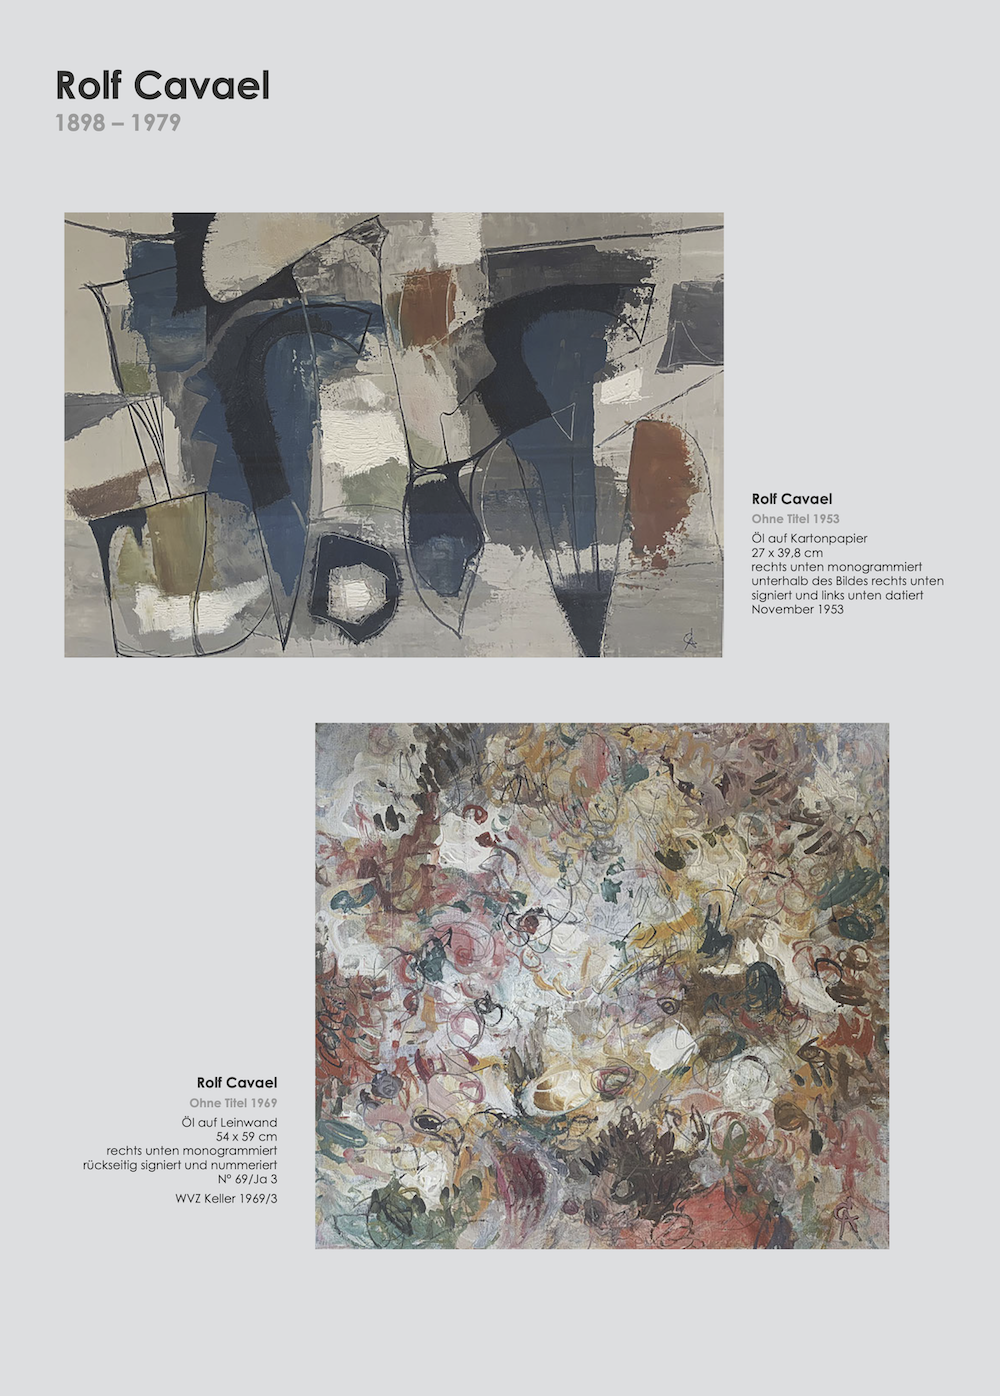 Einladungskarte Ausstellung Cavael Sonderborg Thieler 2020 Galerie Maulberger 02